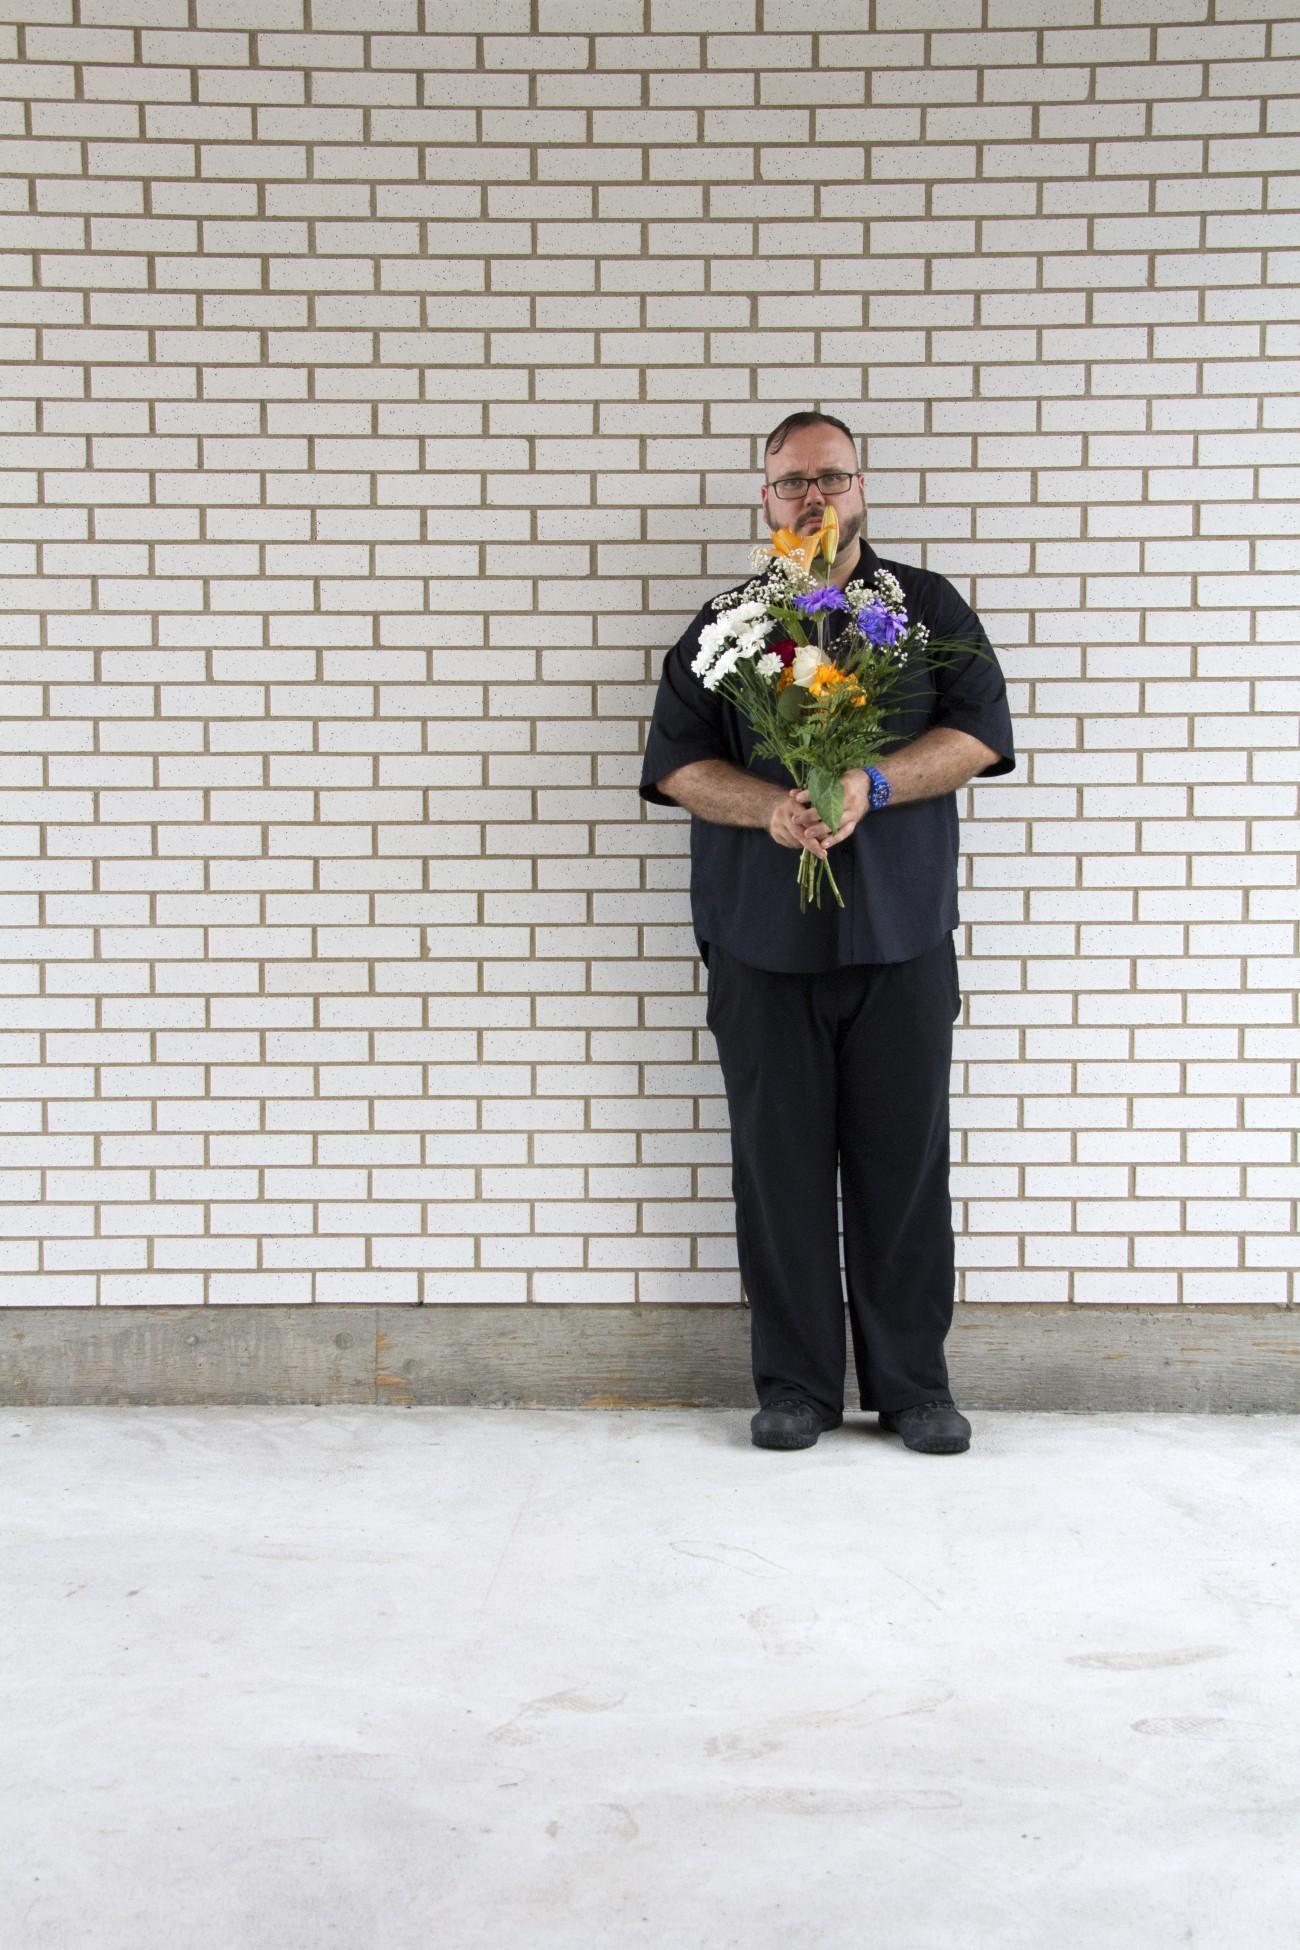 Steve Giasson. Performance invisible n° 10 (Commettre une maladresse volontairement). Performeur : Steve Giasson. Crédit photographique : Daniel Roy. 18 juillet 2015.